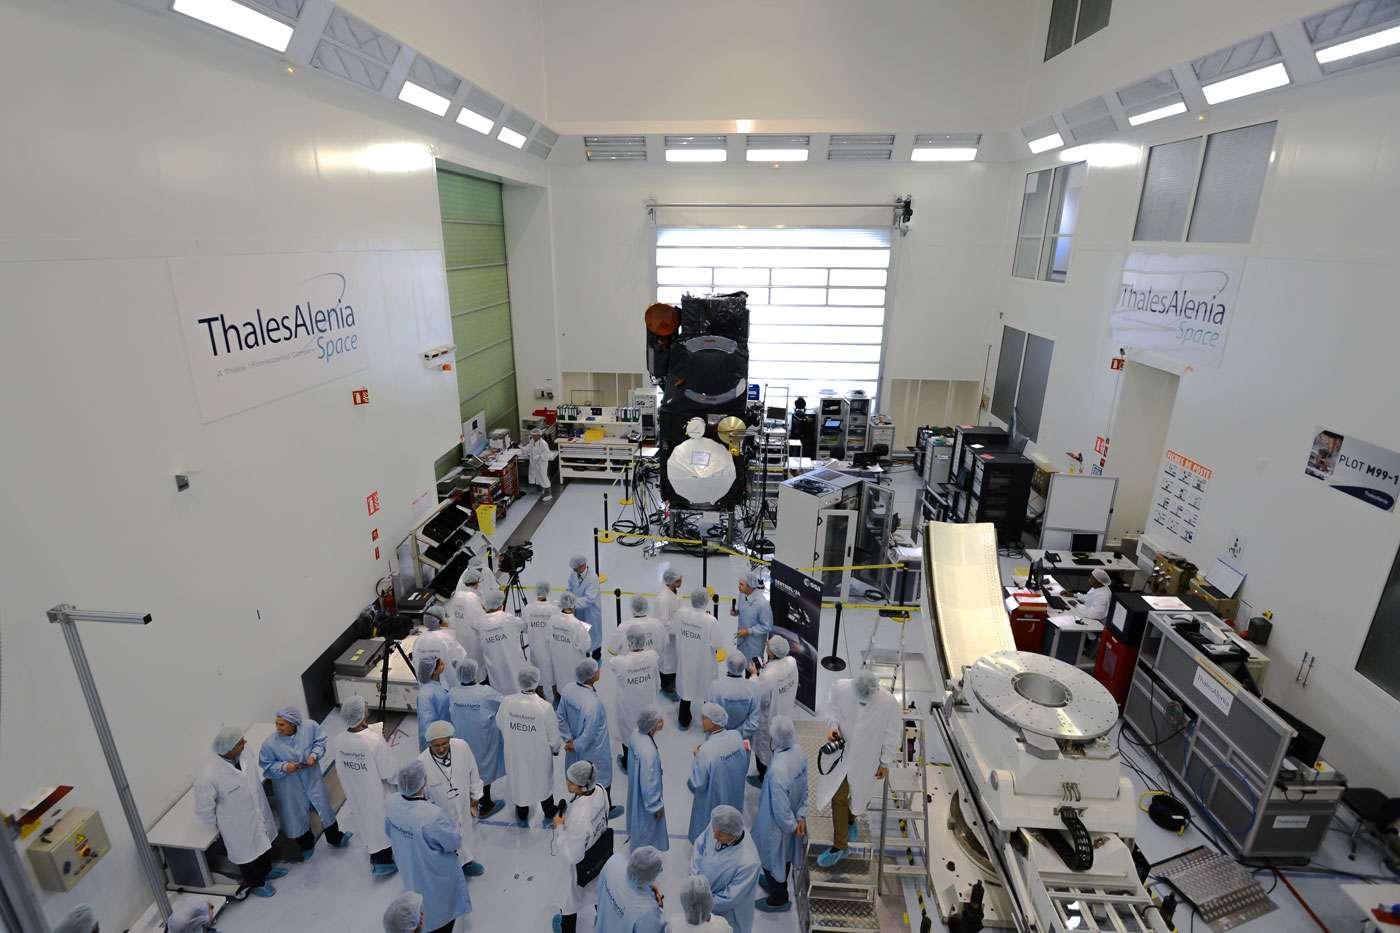 Le satellite Sentinel 3 présenté à la presse française et internationale quelques jours avant son départ pour son site de lancement, en Russie. © Rémy Decourt